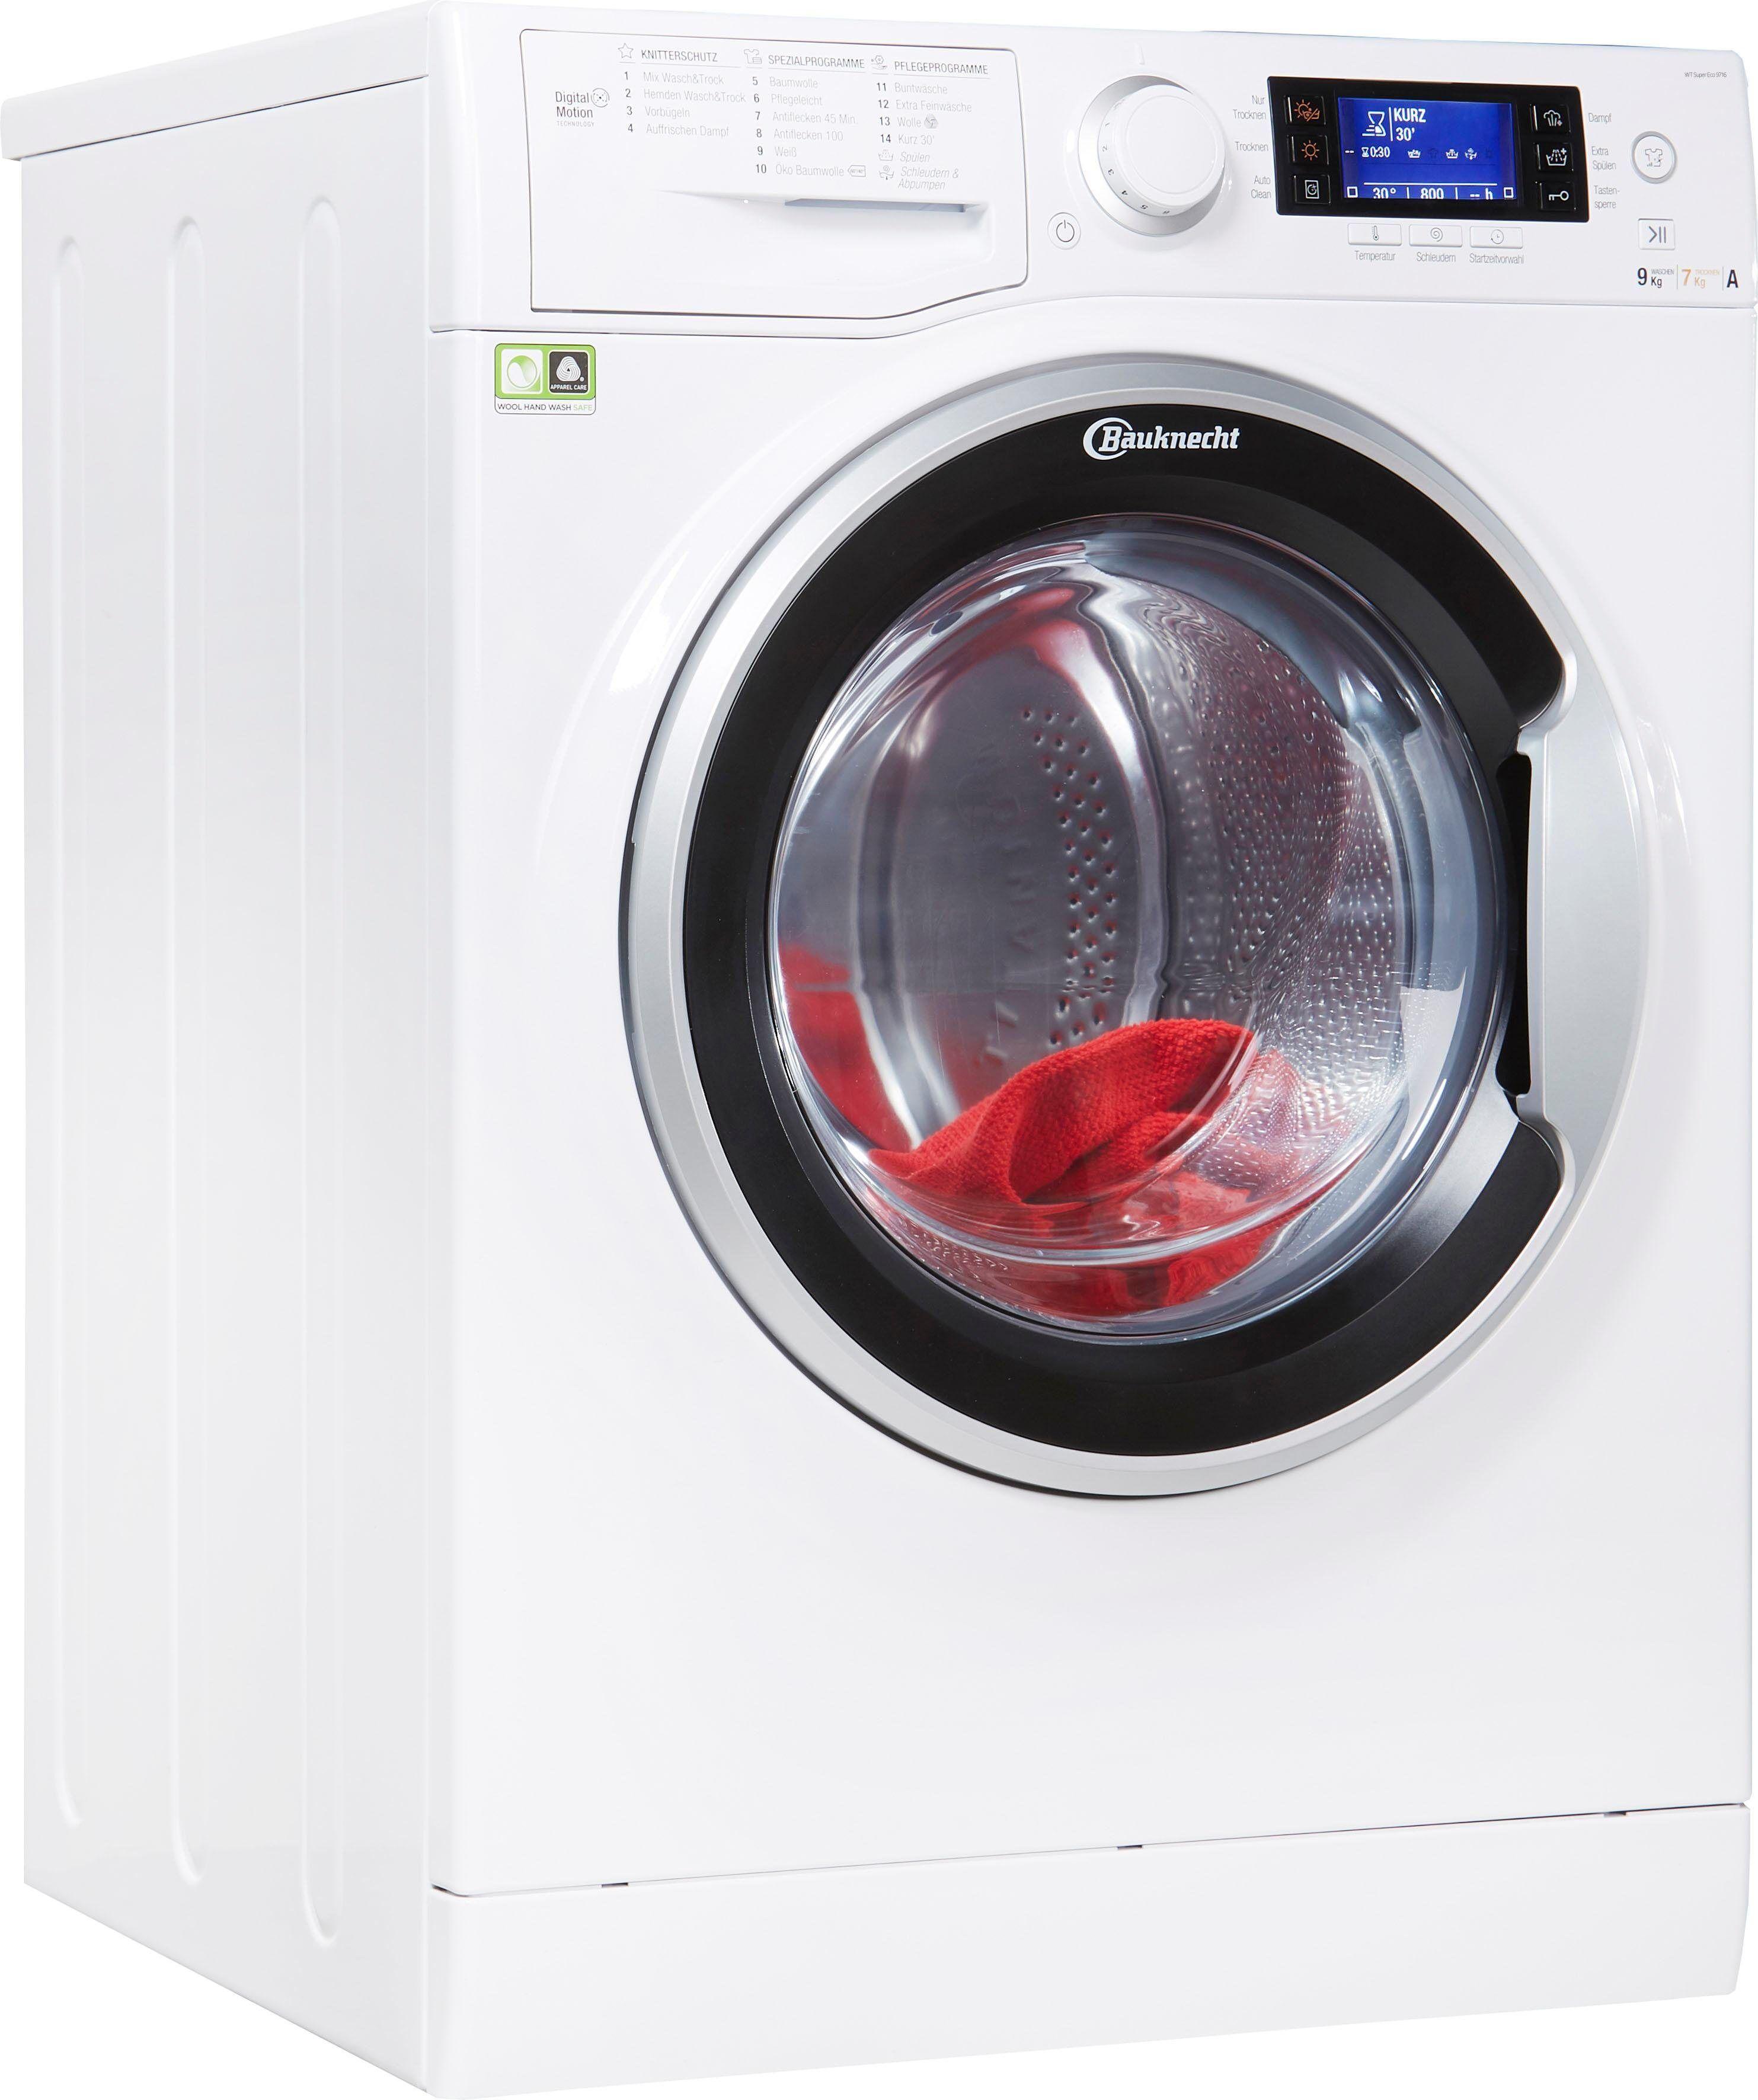 Bauknecht Waschtrockner WT Super Eco 9716, 9 kg/7 kg, 1600 U/Min, 4 Jahre Herstellergarantie, Energieeffizienzklasse A